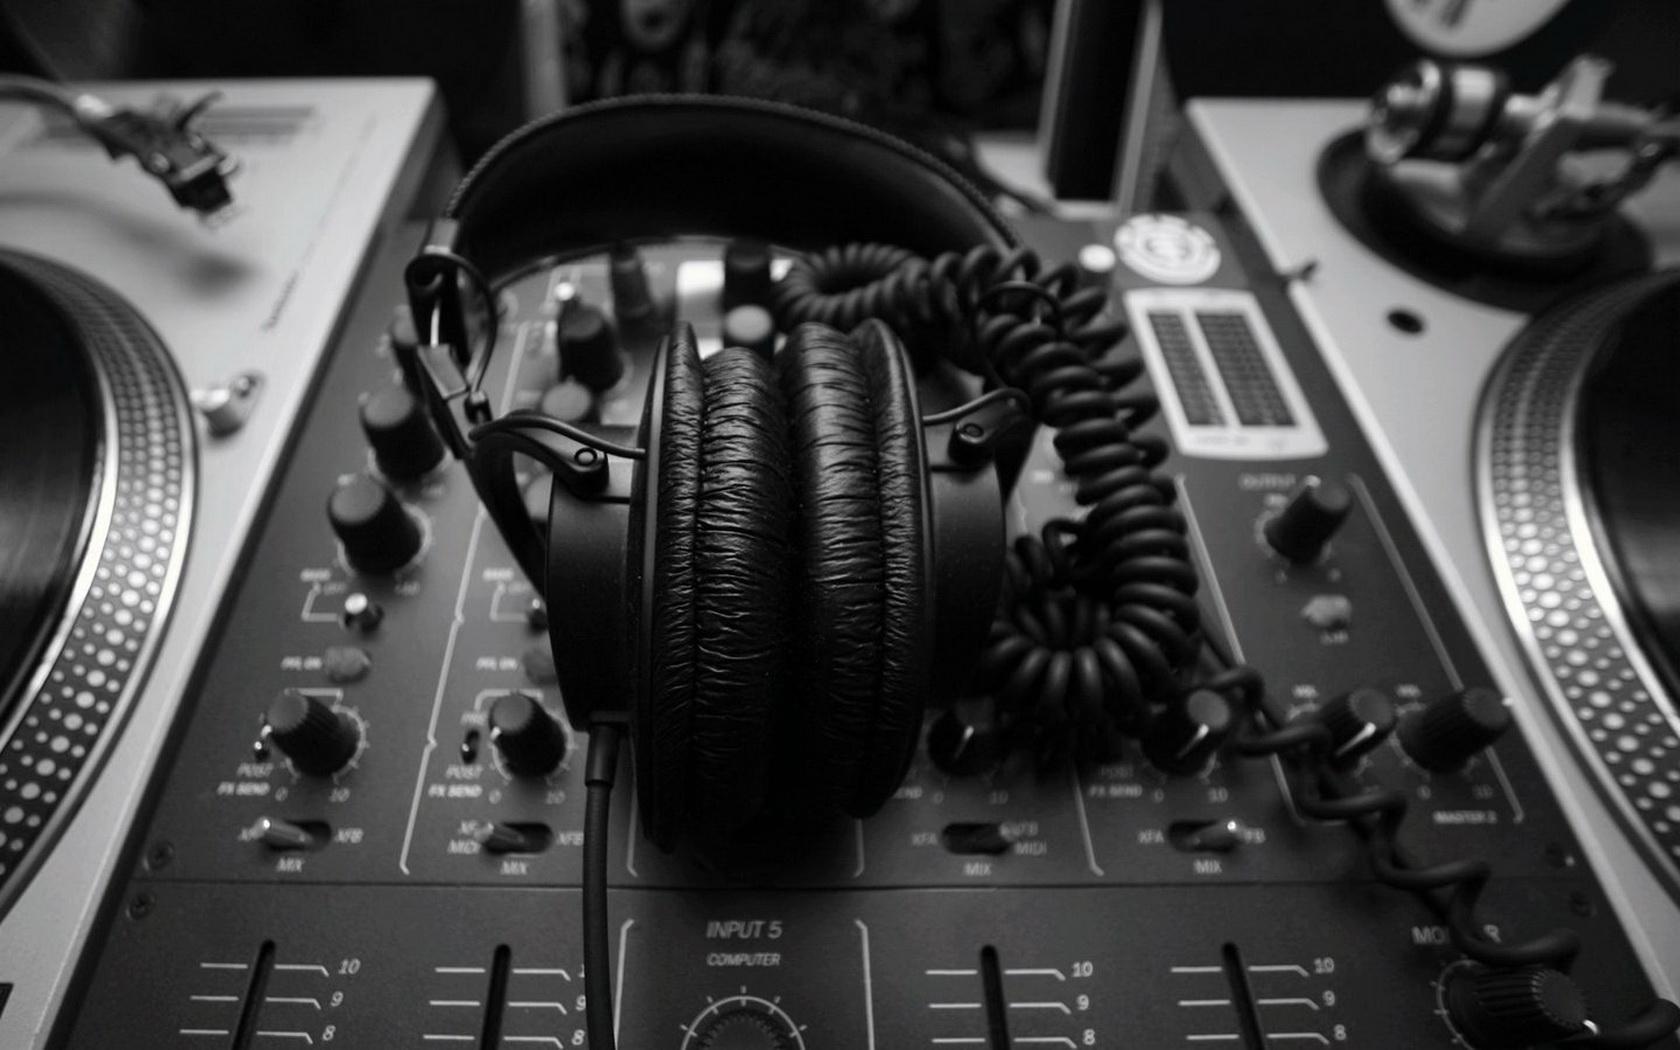 Archive_Miscellaneous_DJ_mixer_025062_